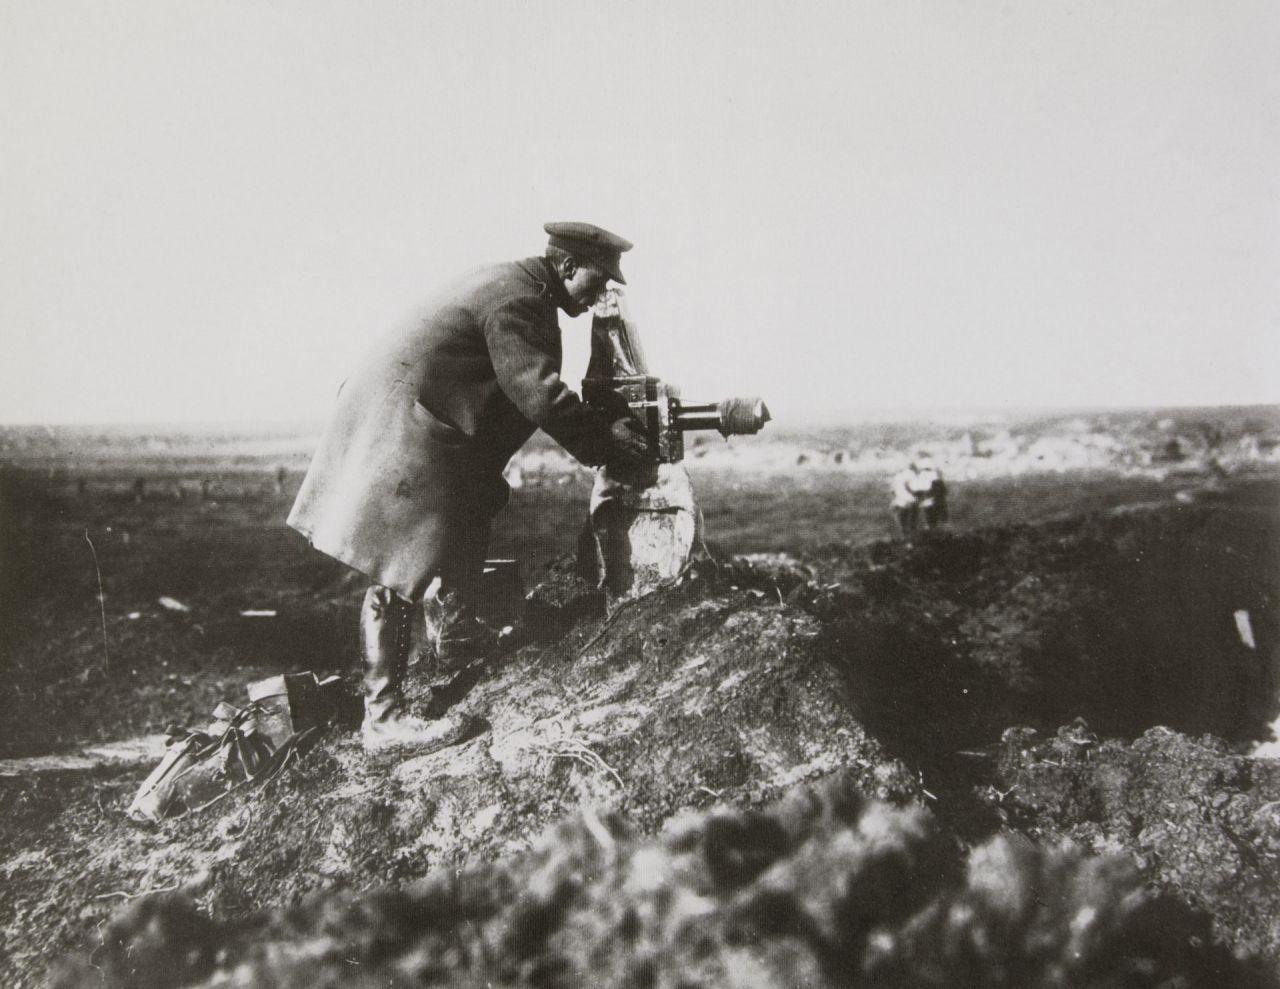 Shooting Range - Fotografie in de vuurlinie?